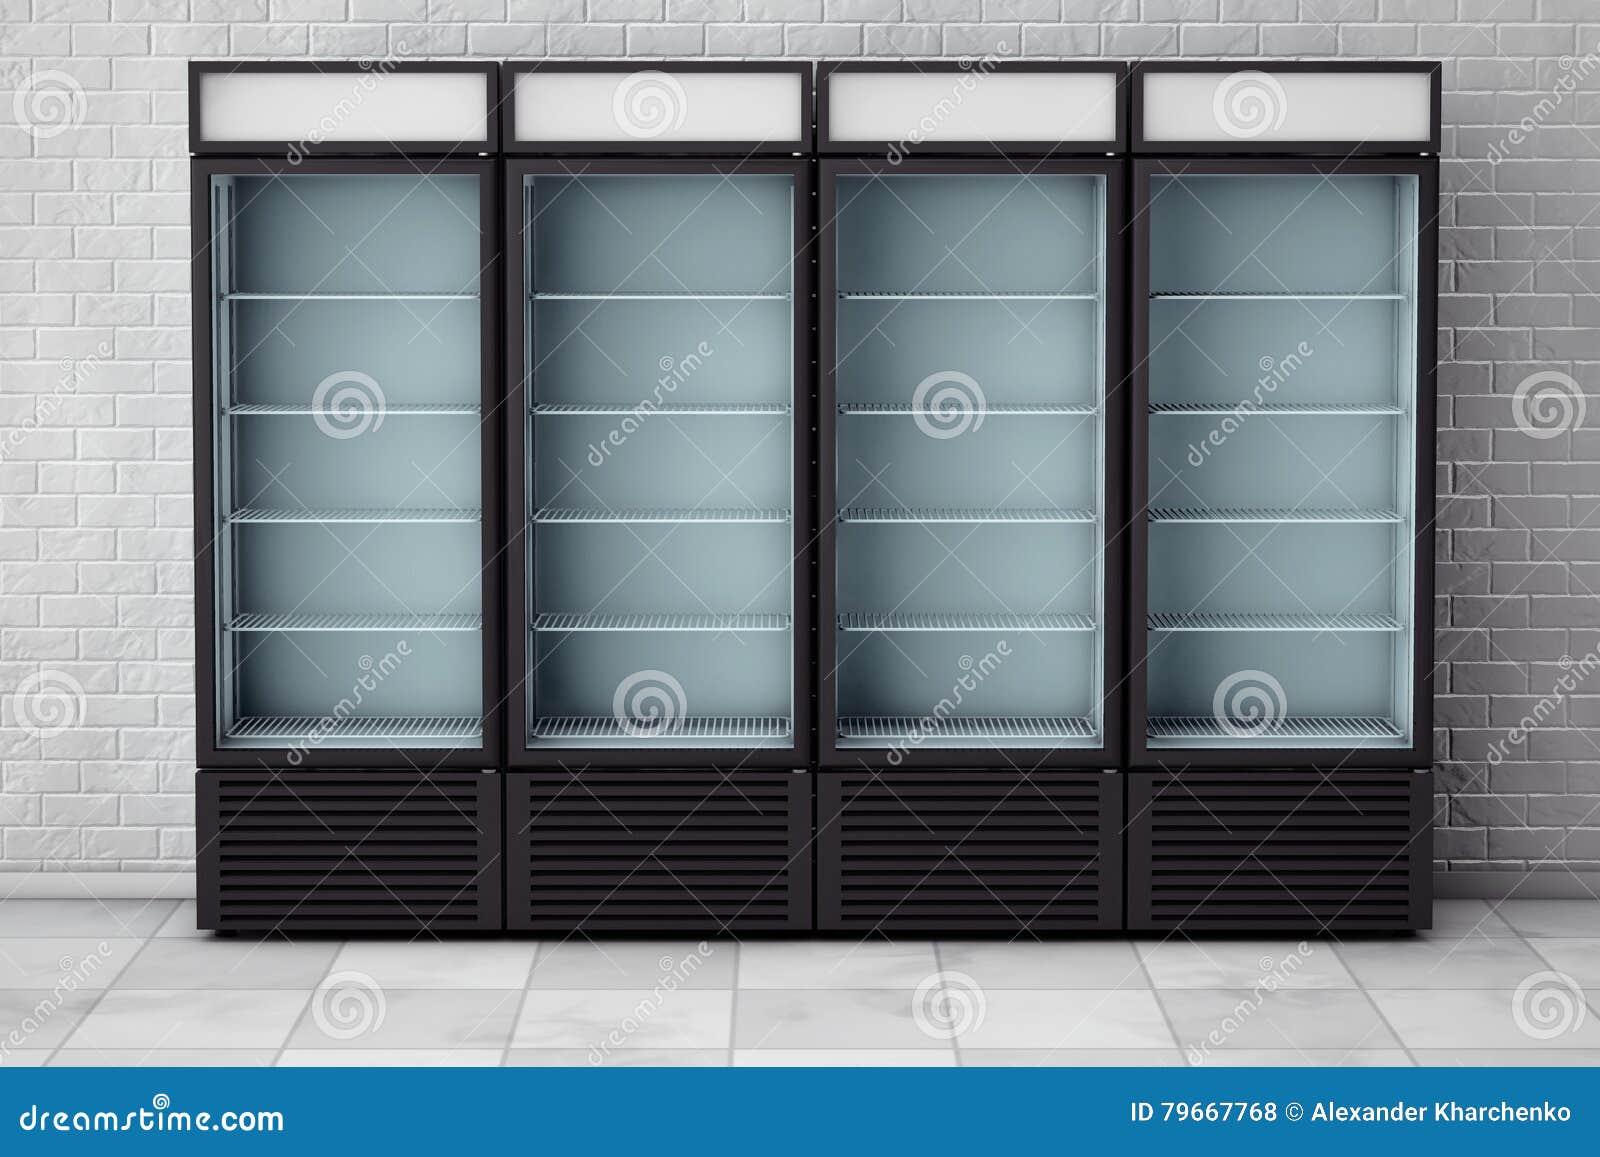 Kühlschrank-Getränk Mit Glastür Wiedergabe 3d Stock Abbildung ...